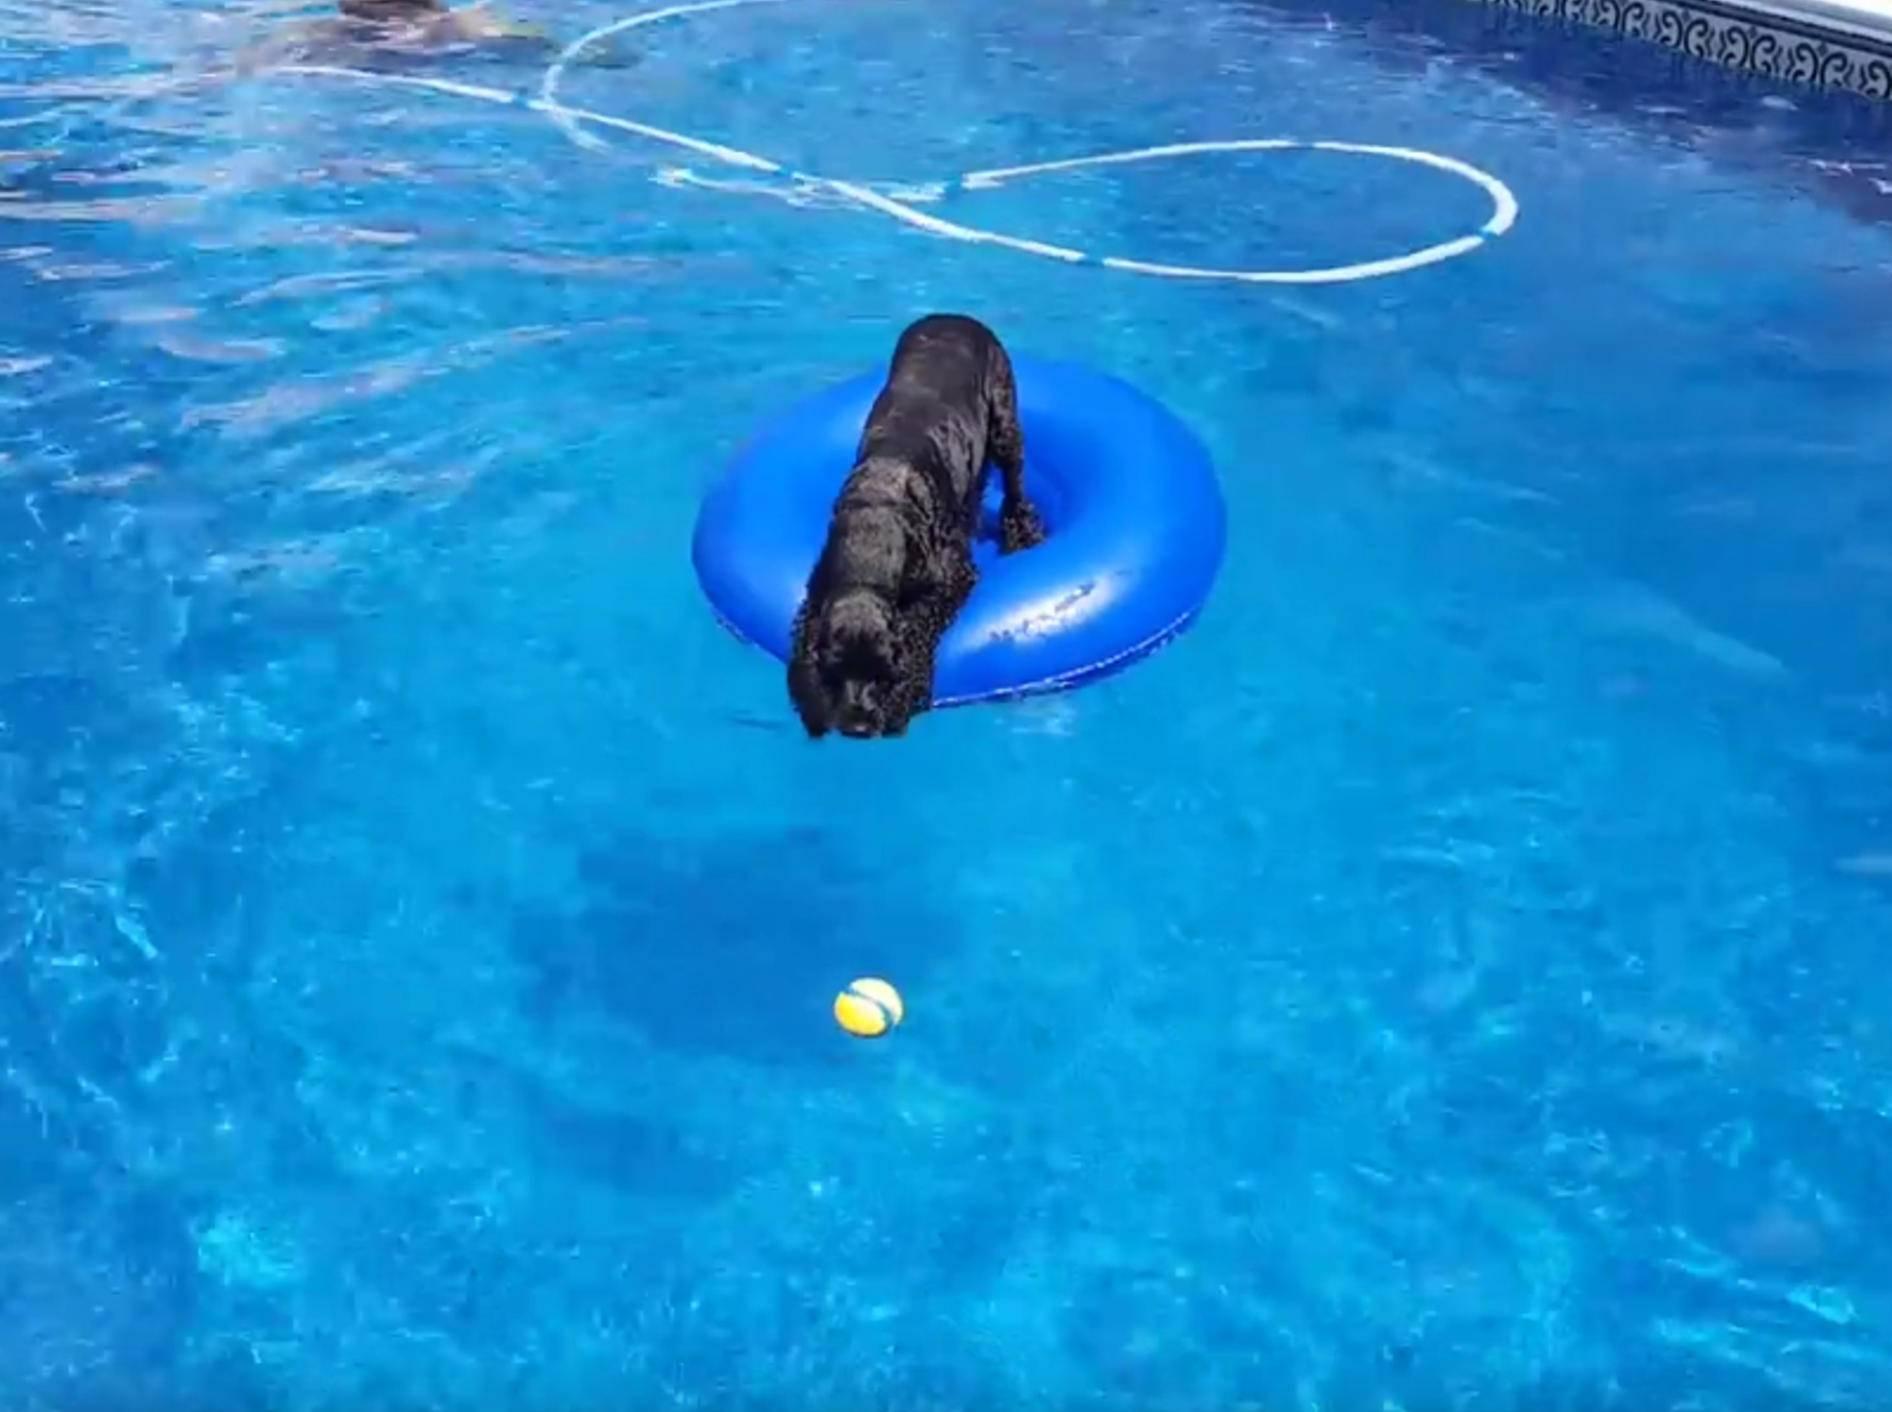 English Cocker Spaniel fischt Ball aus Pool, ohne nass zu werden – Bild: YouTube / Chantille C